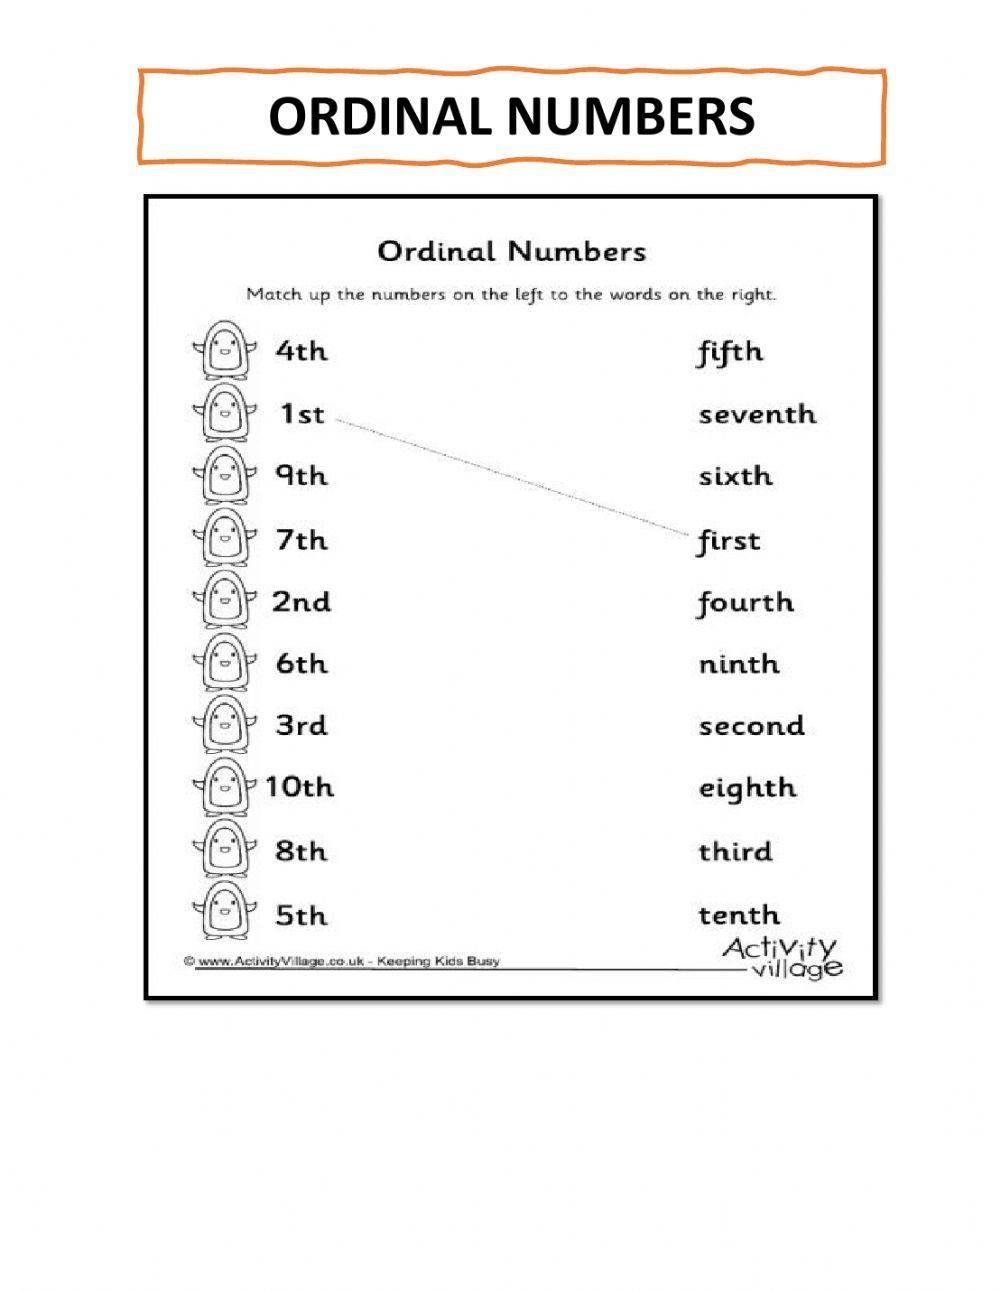 Ordinal Numbers Interactive Worksheet Number Worksheets Ordinal Numbers Business For Kids [ 1291 x 1000 Pixel ]